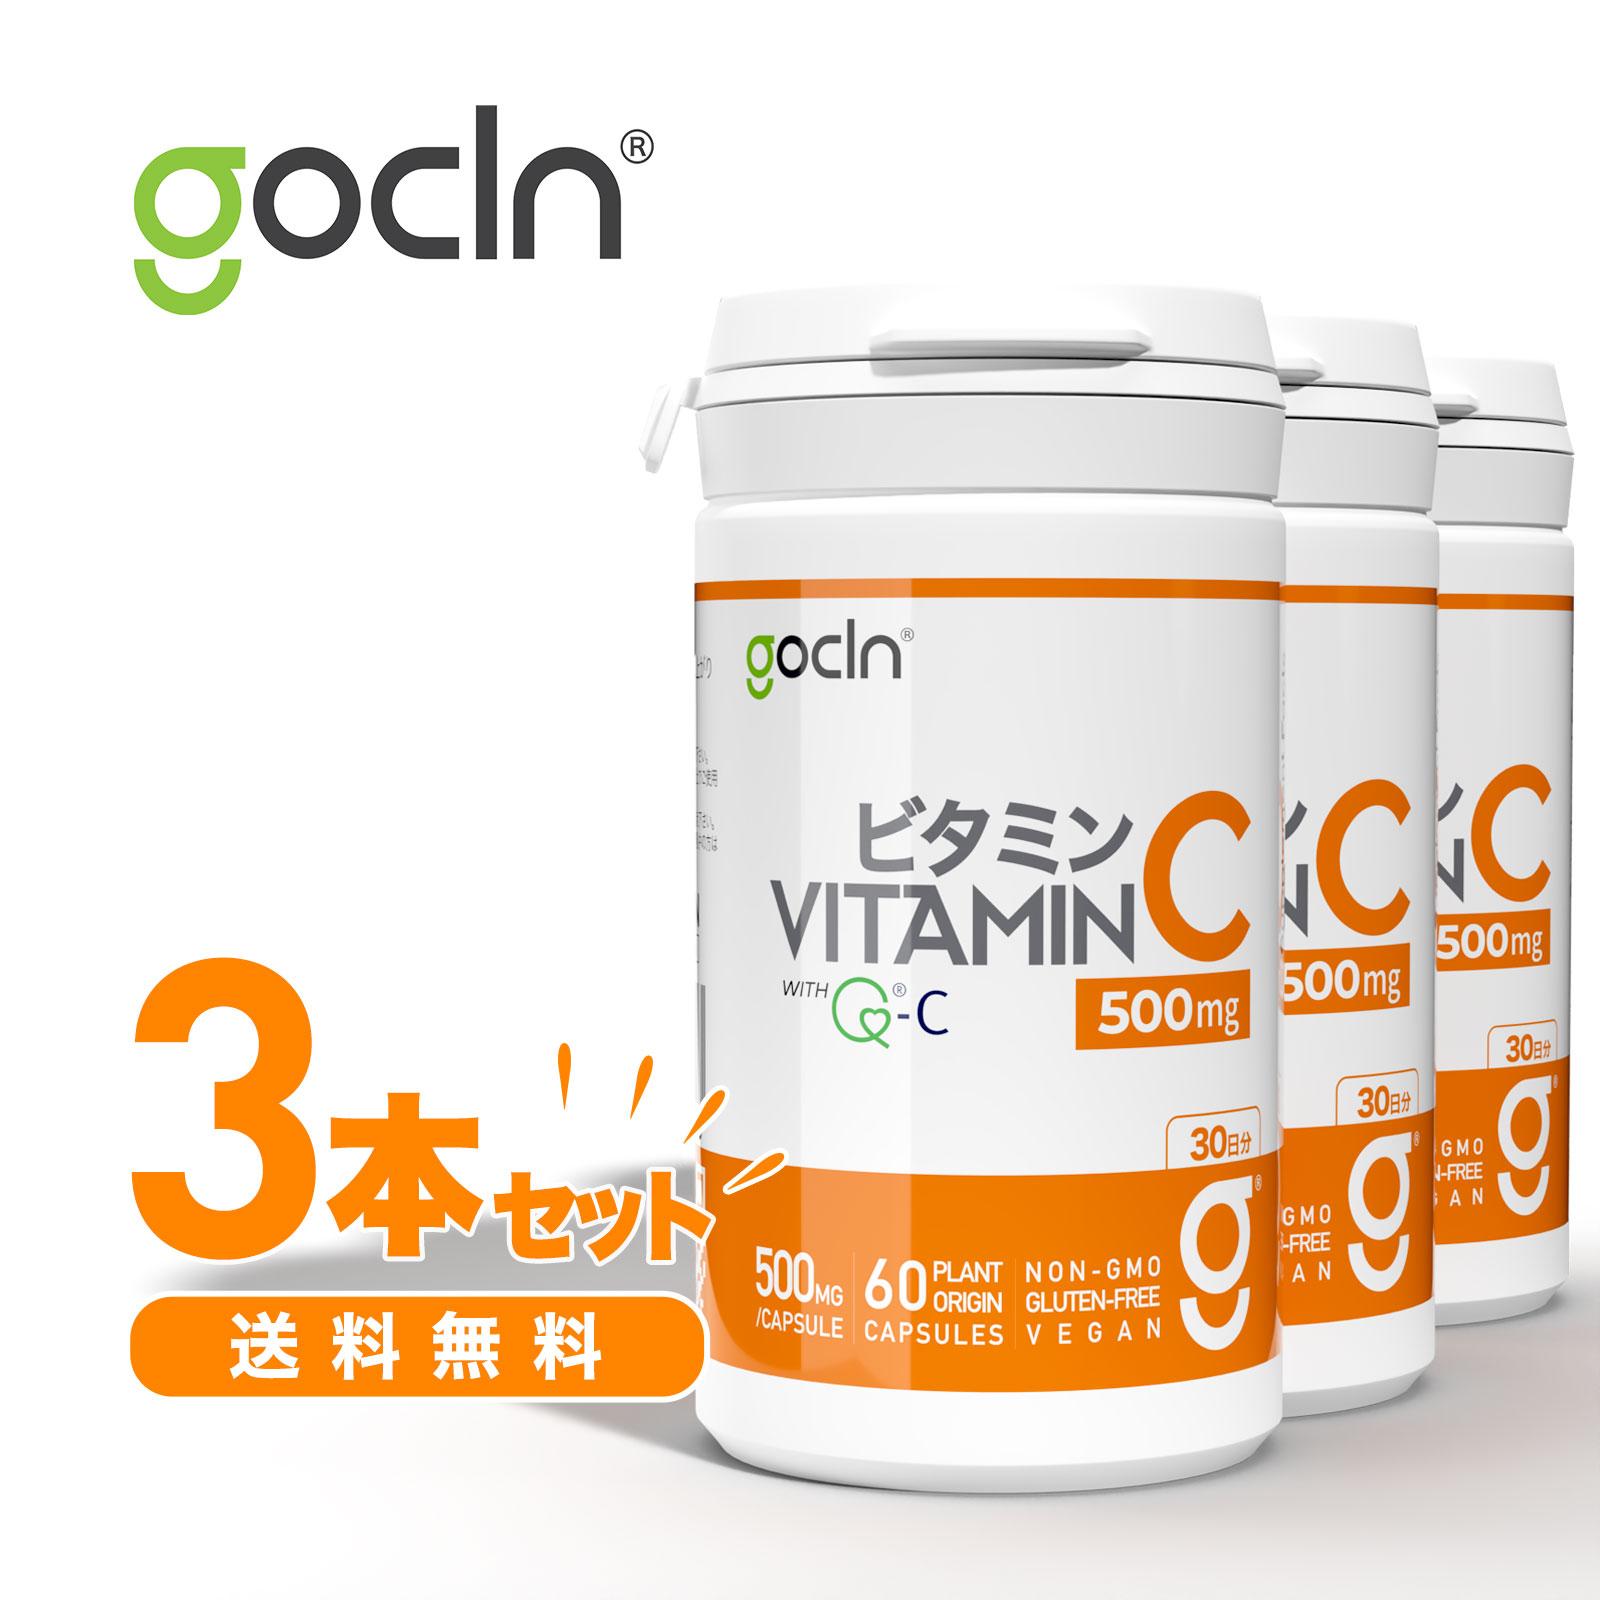 満たす 届く 高める 即納送料無料! ピュアビタミン GoCLNビタミンC QC-100 送料無料 ビタミンC 3本セット GoCLN 高純度 Vitamin タイムセール 100% C 国内製造 カプセル Quali QC100 - 60